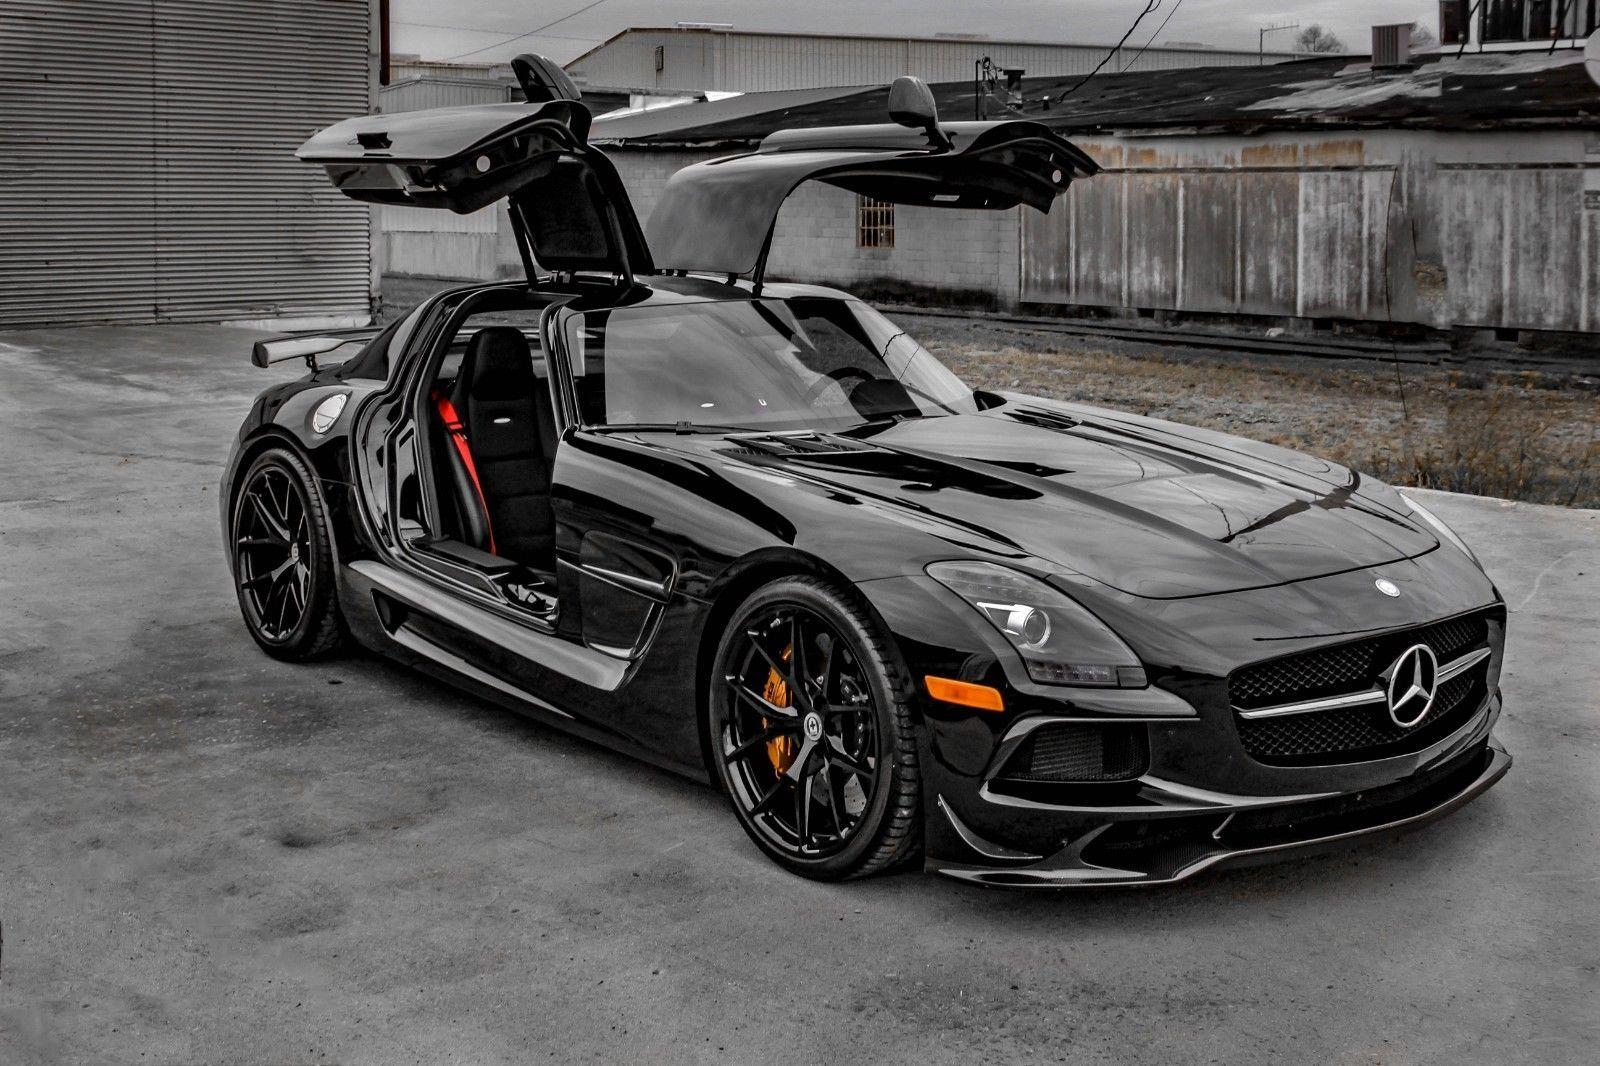 2014 Mercedes-Benz AMG SLS Black